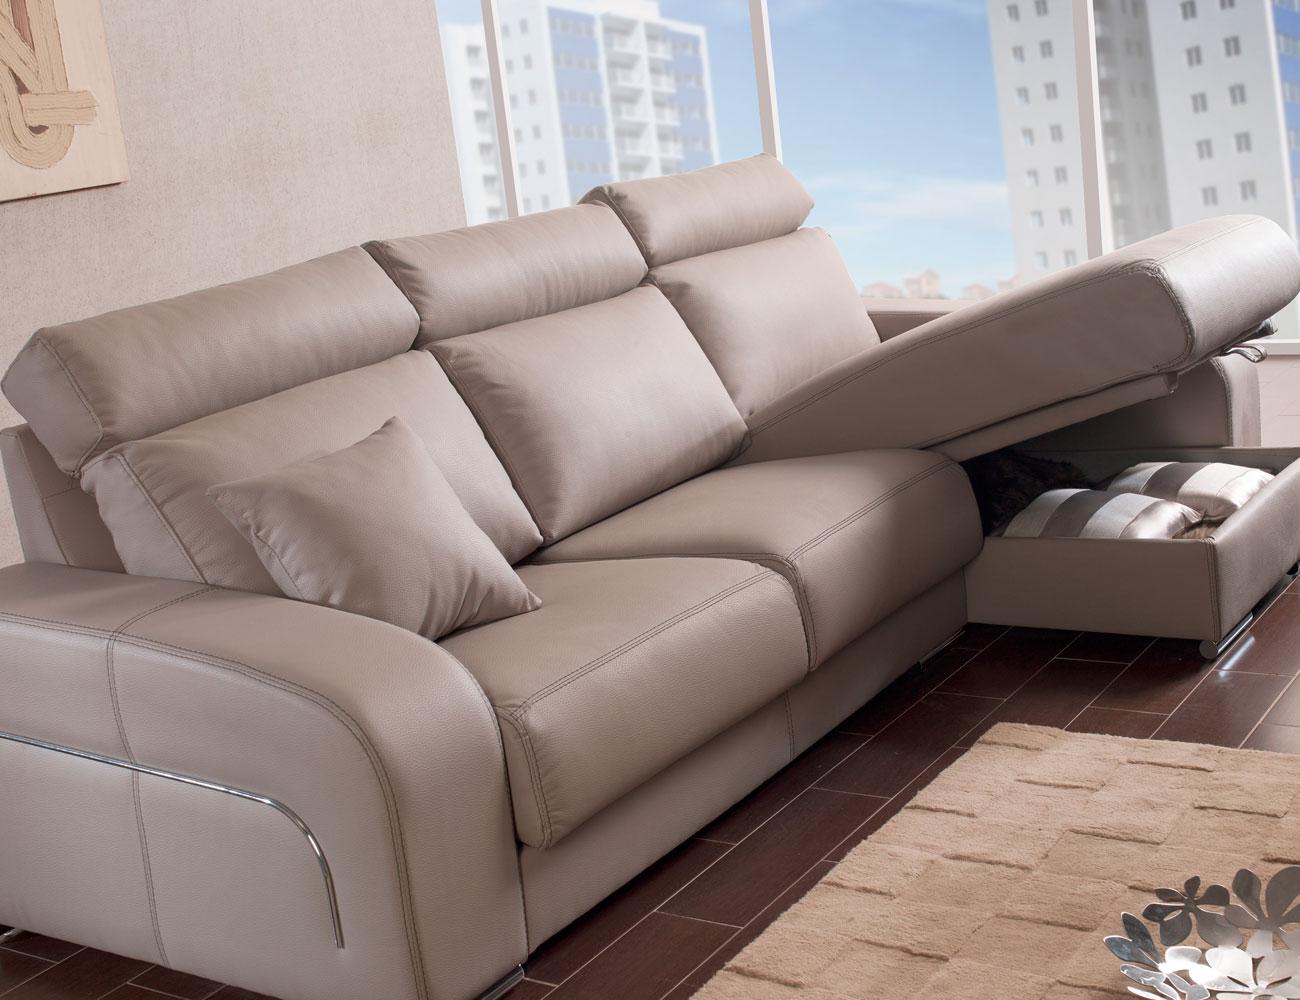 Sofa chaiselongue moderno pared cero arcon79